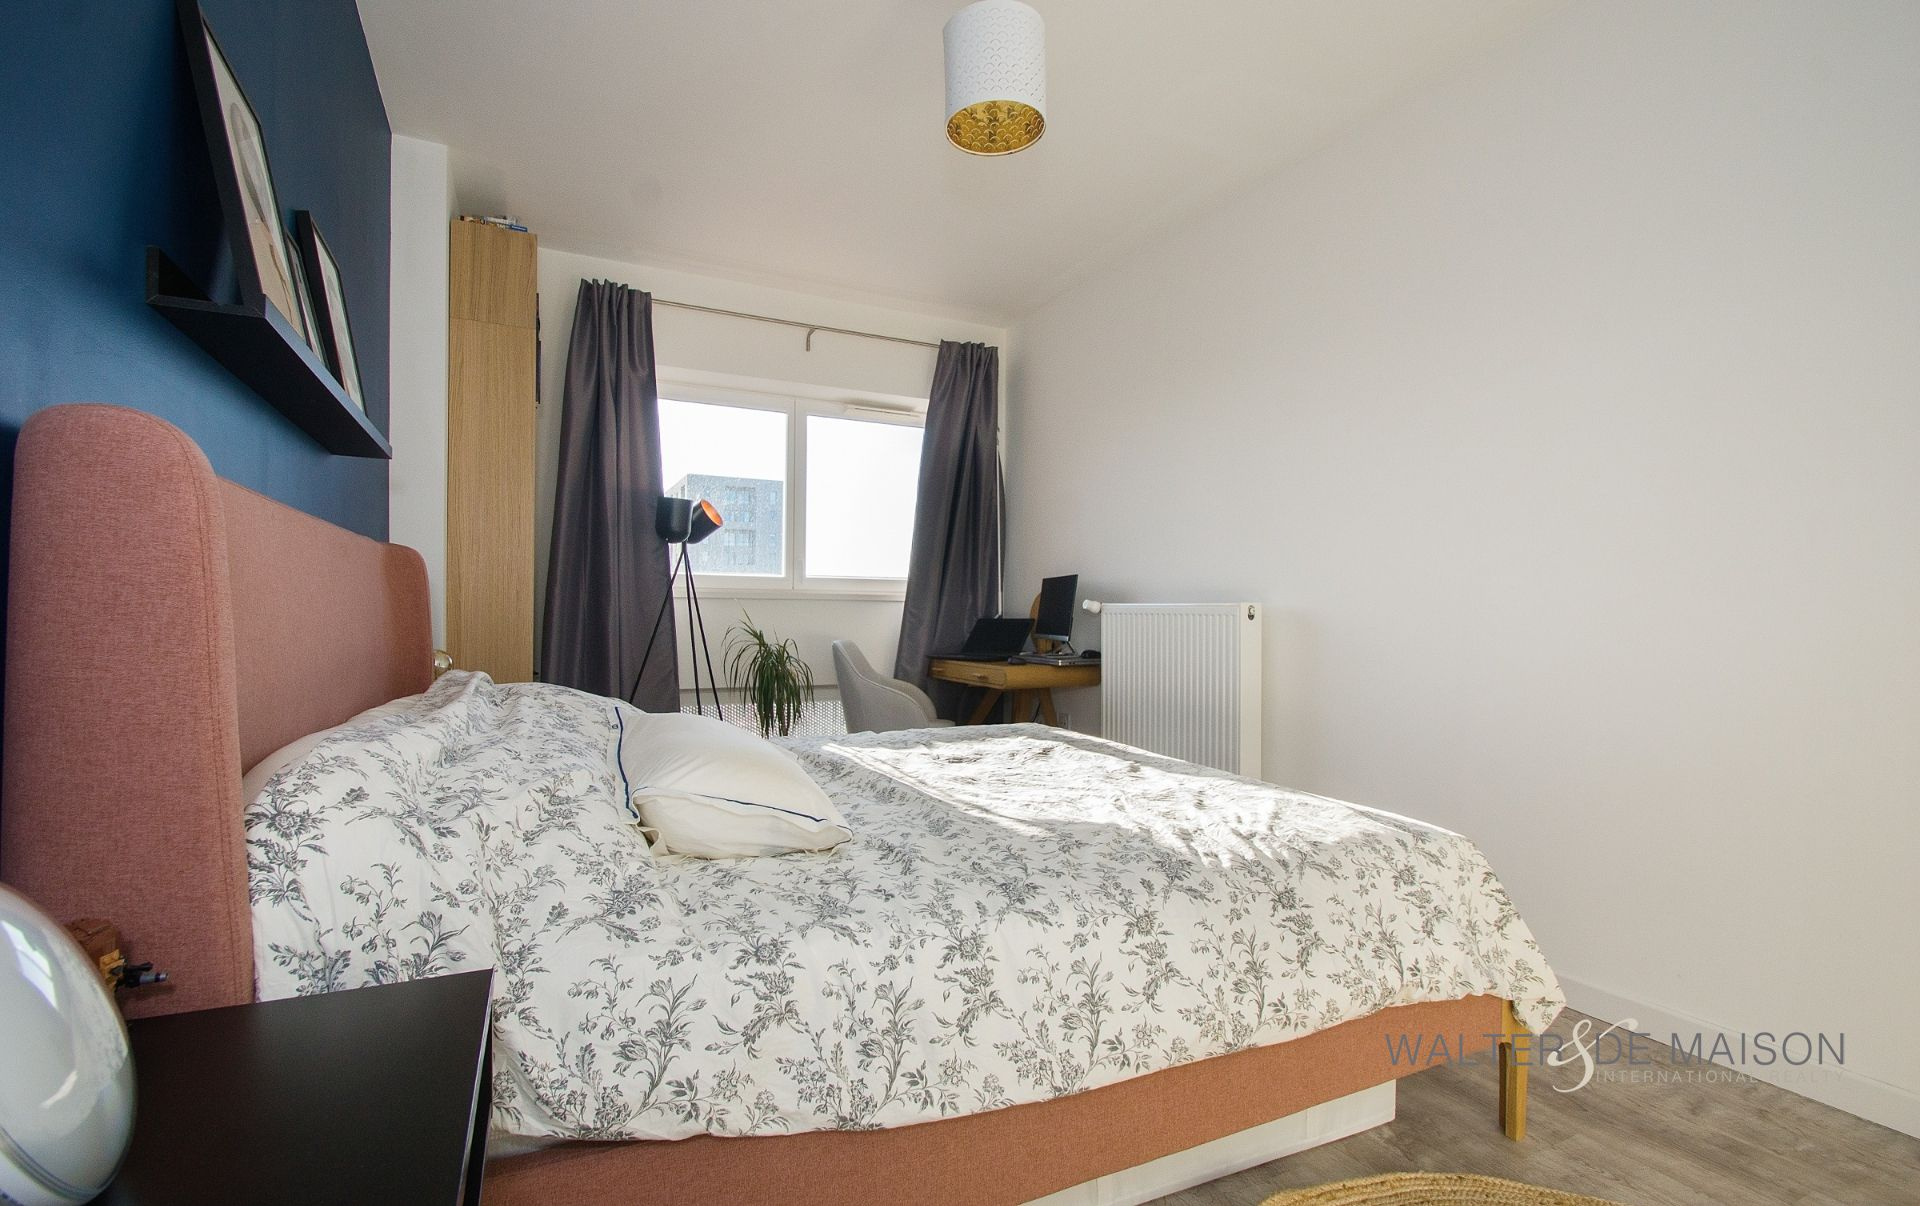 Appartement 3 pièce(s) 73 m²                         44000 NANTES